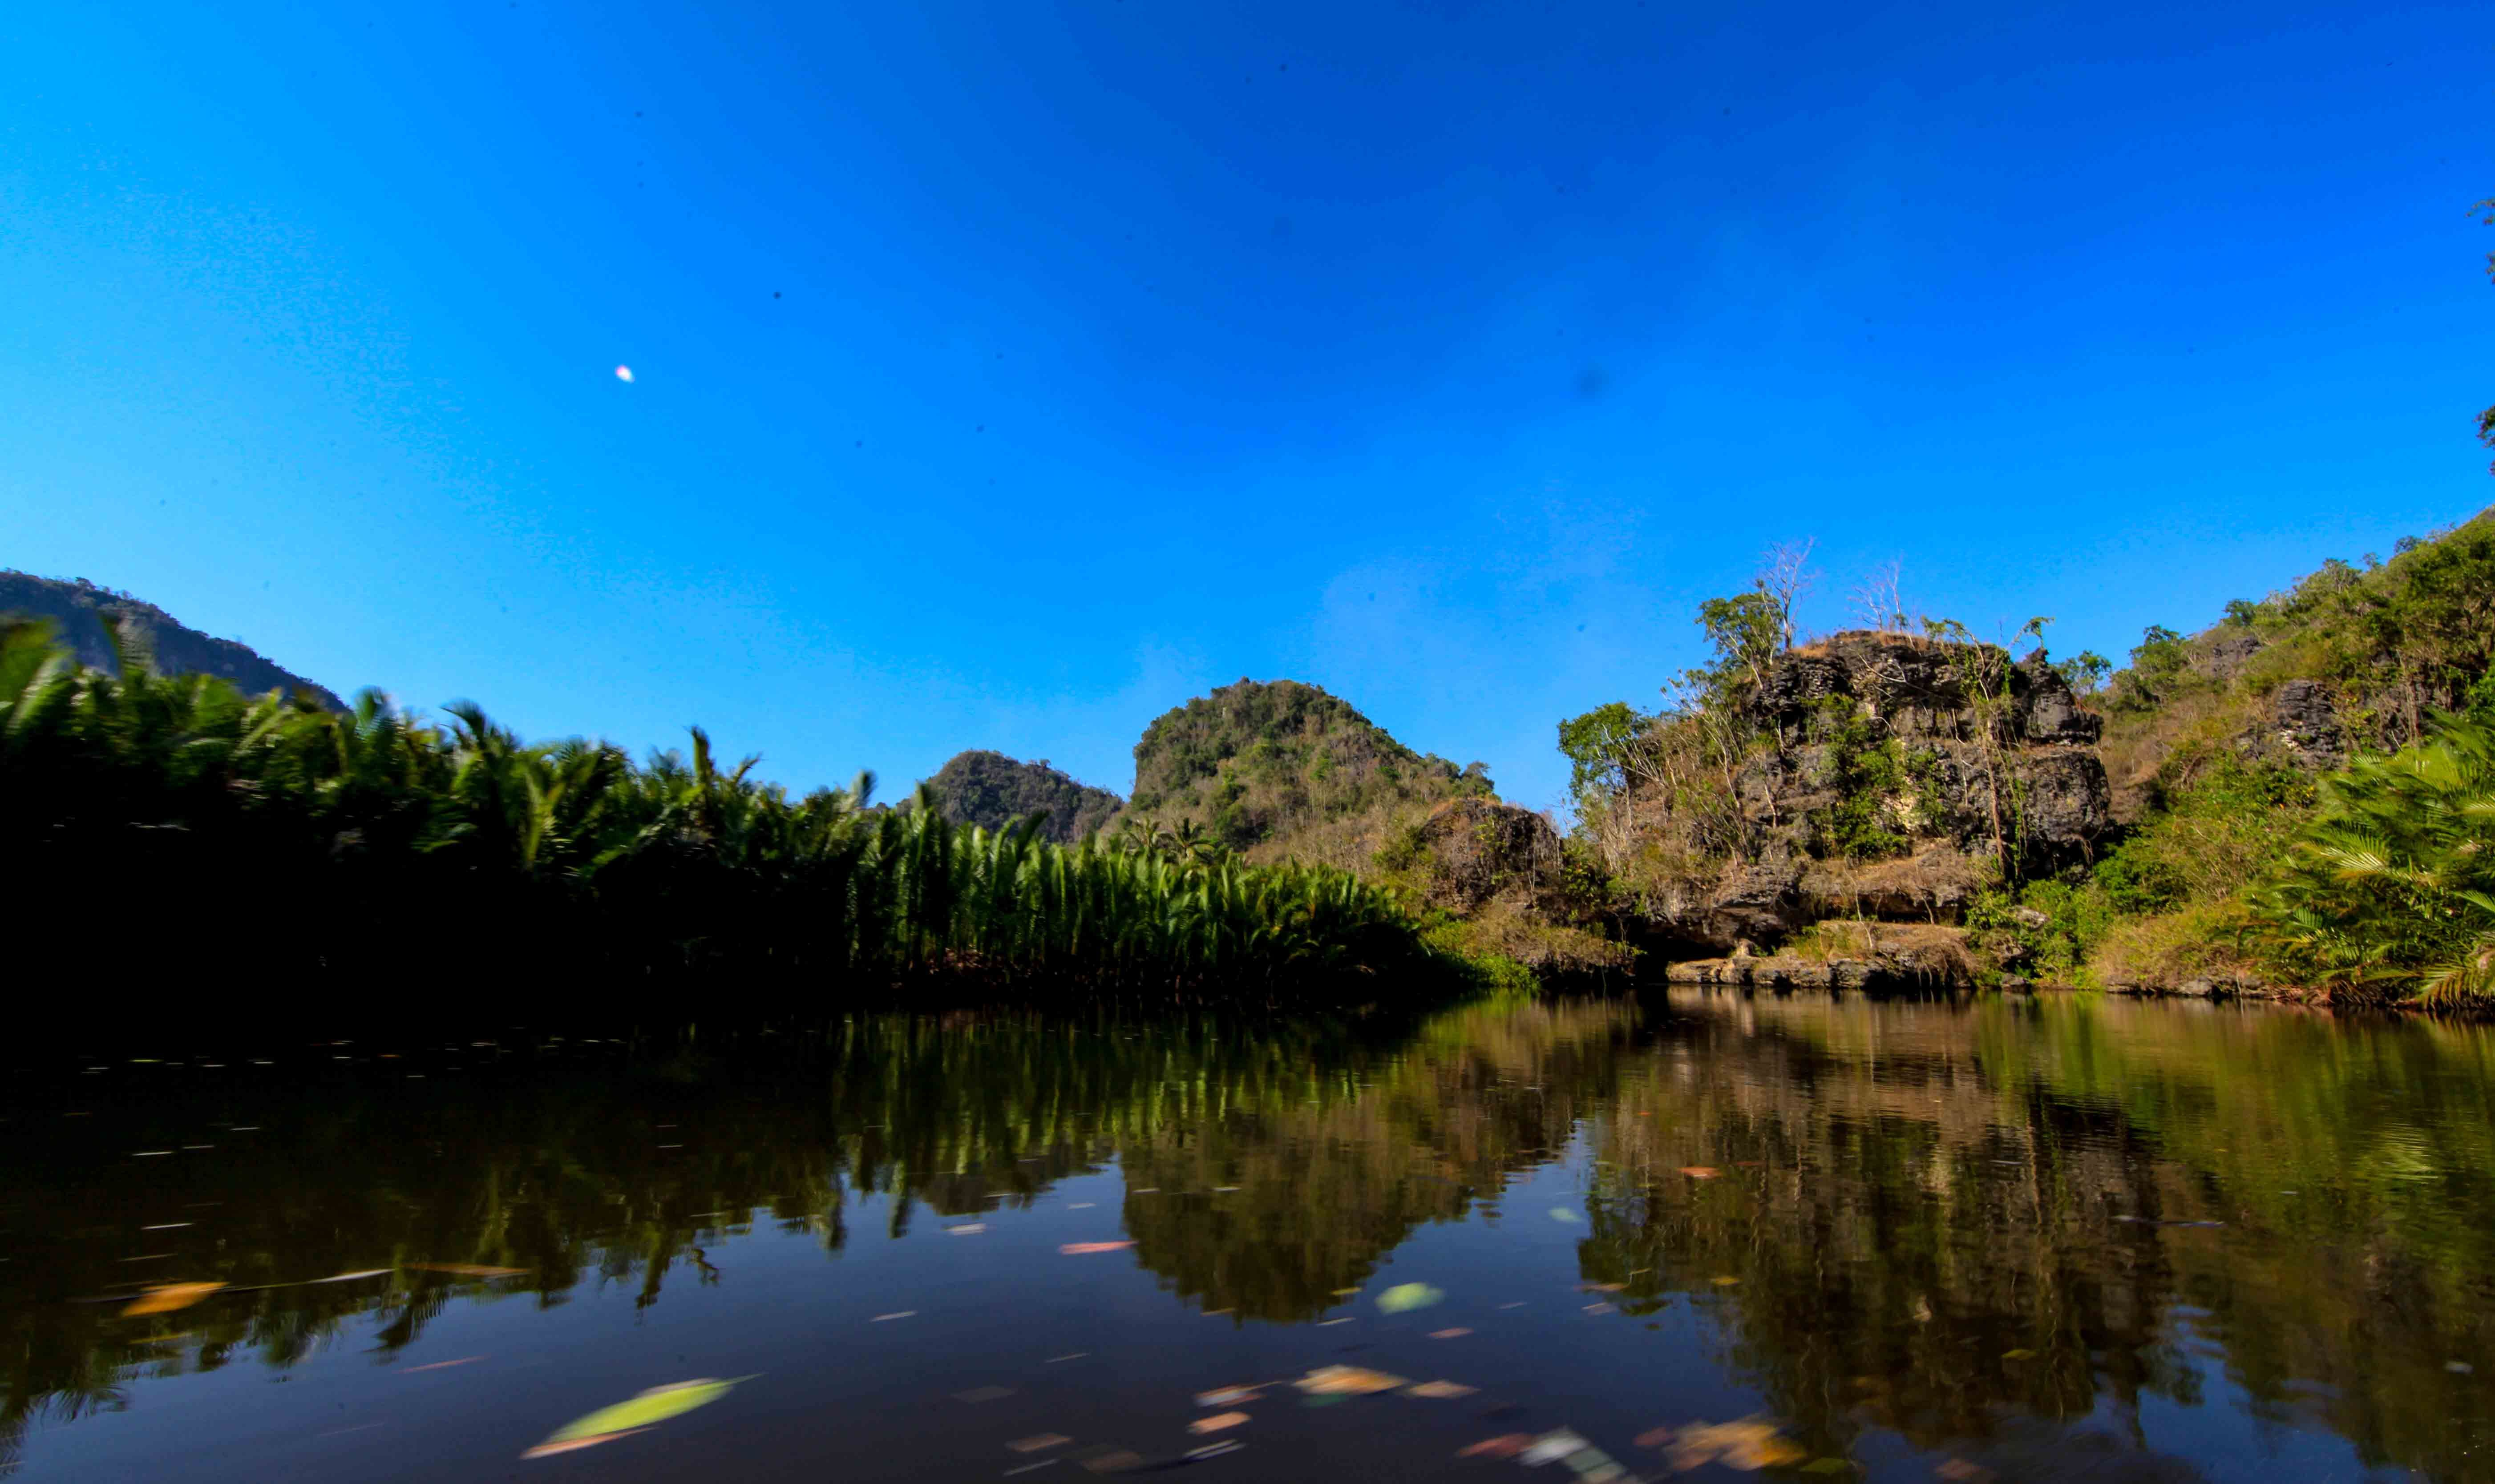 RammangRammang, Maros, Sulawesi Selatan, Indonesia